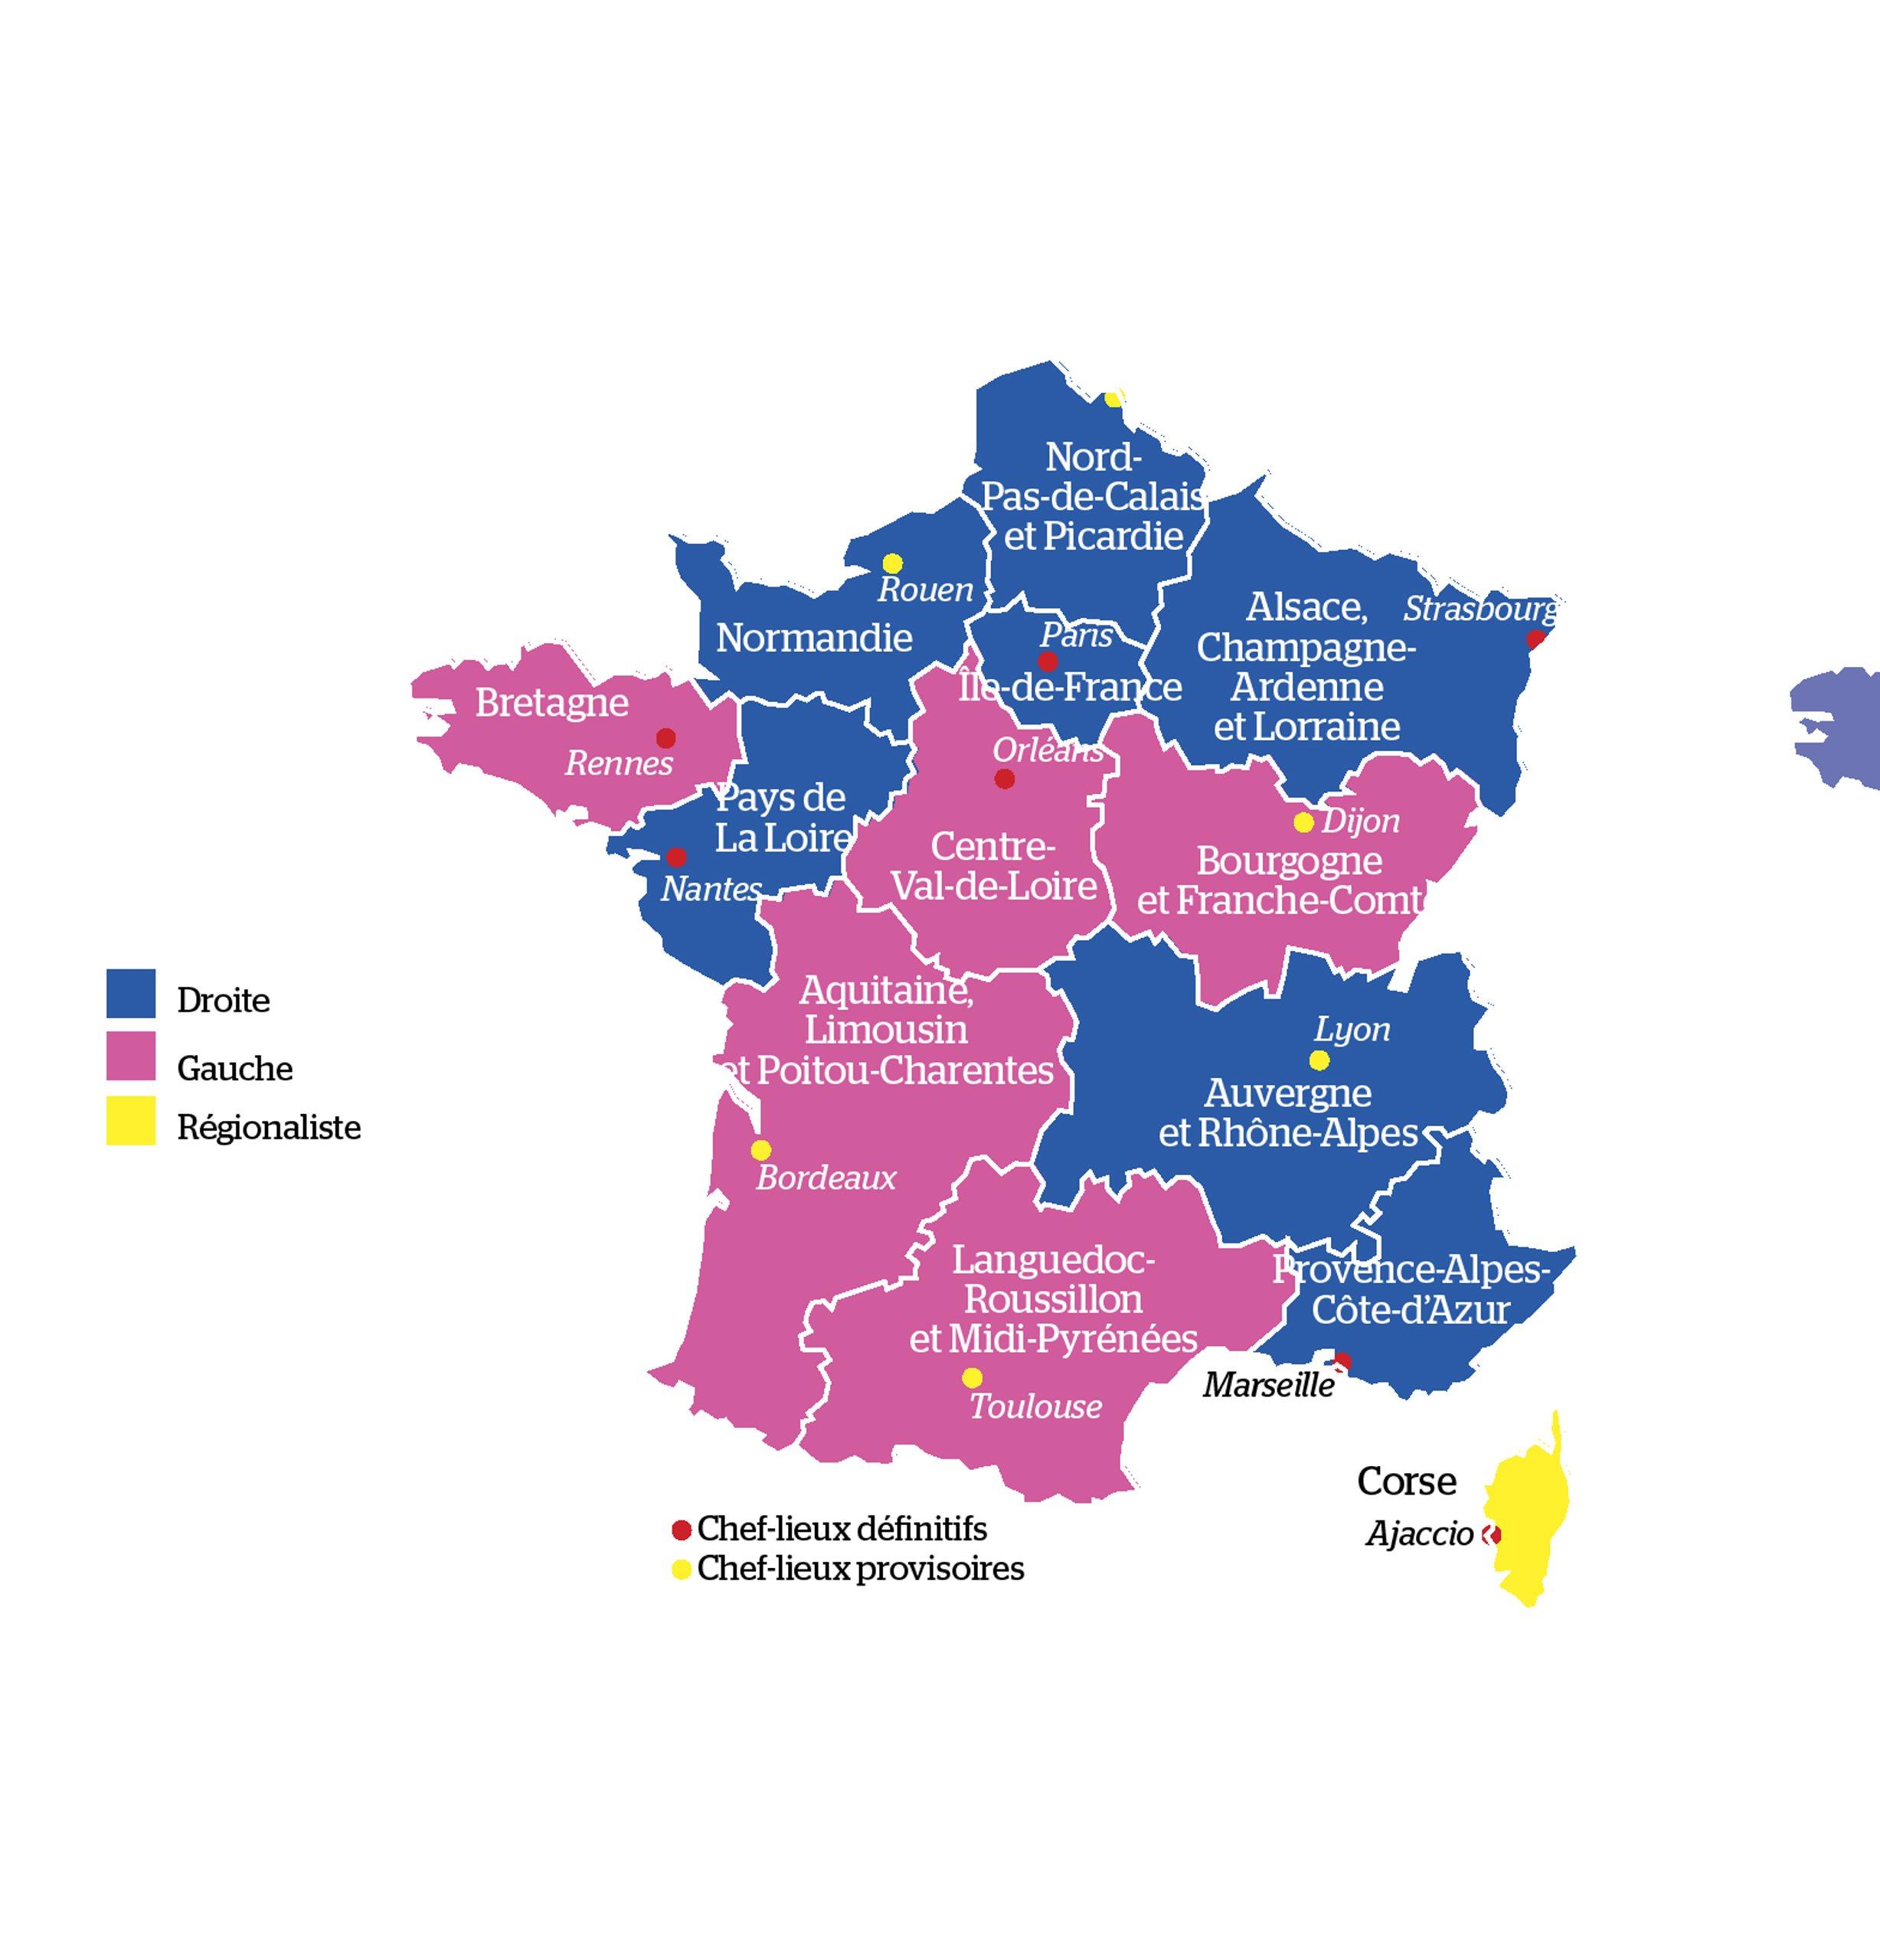 Les Nouvelles Regions Rebattent Les Cartes Du Btp